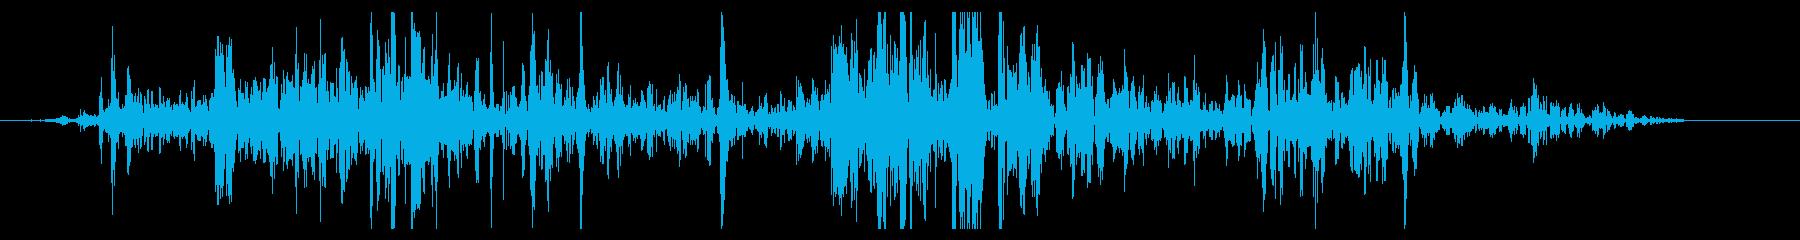 ショートミディアムロックスライドの再生済みの波形